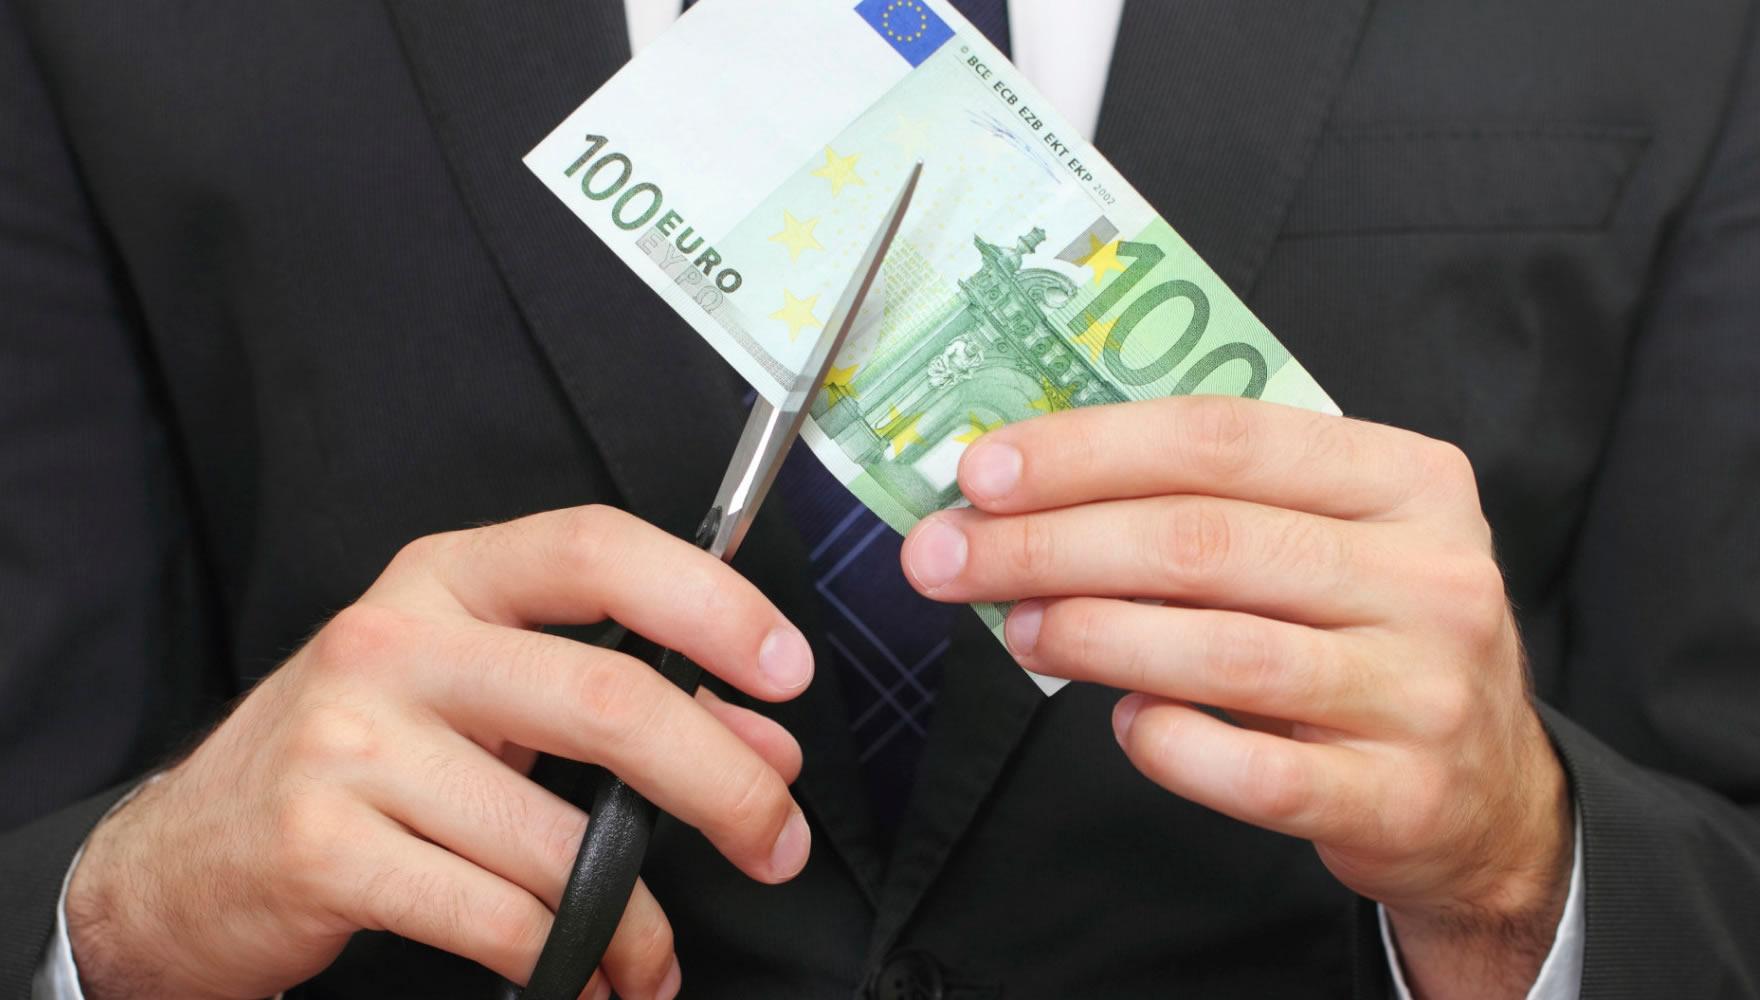 Spending Review, al via Tavolo dei soggetti aggregatori per l'acquisto di beni e servizi